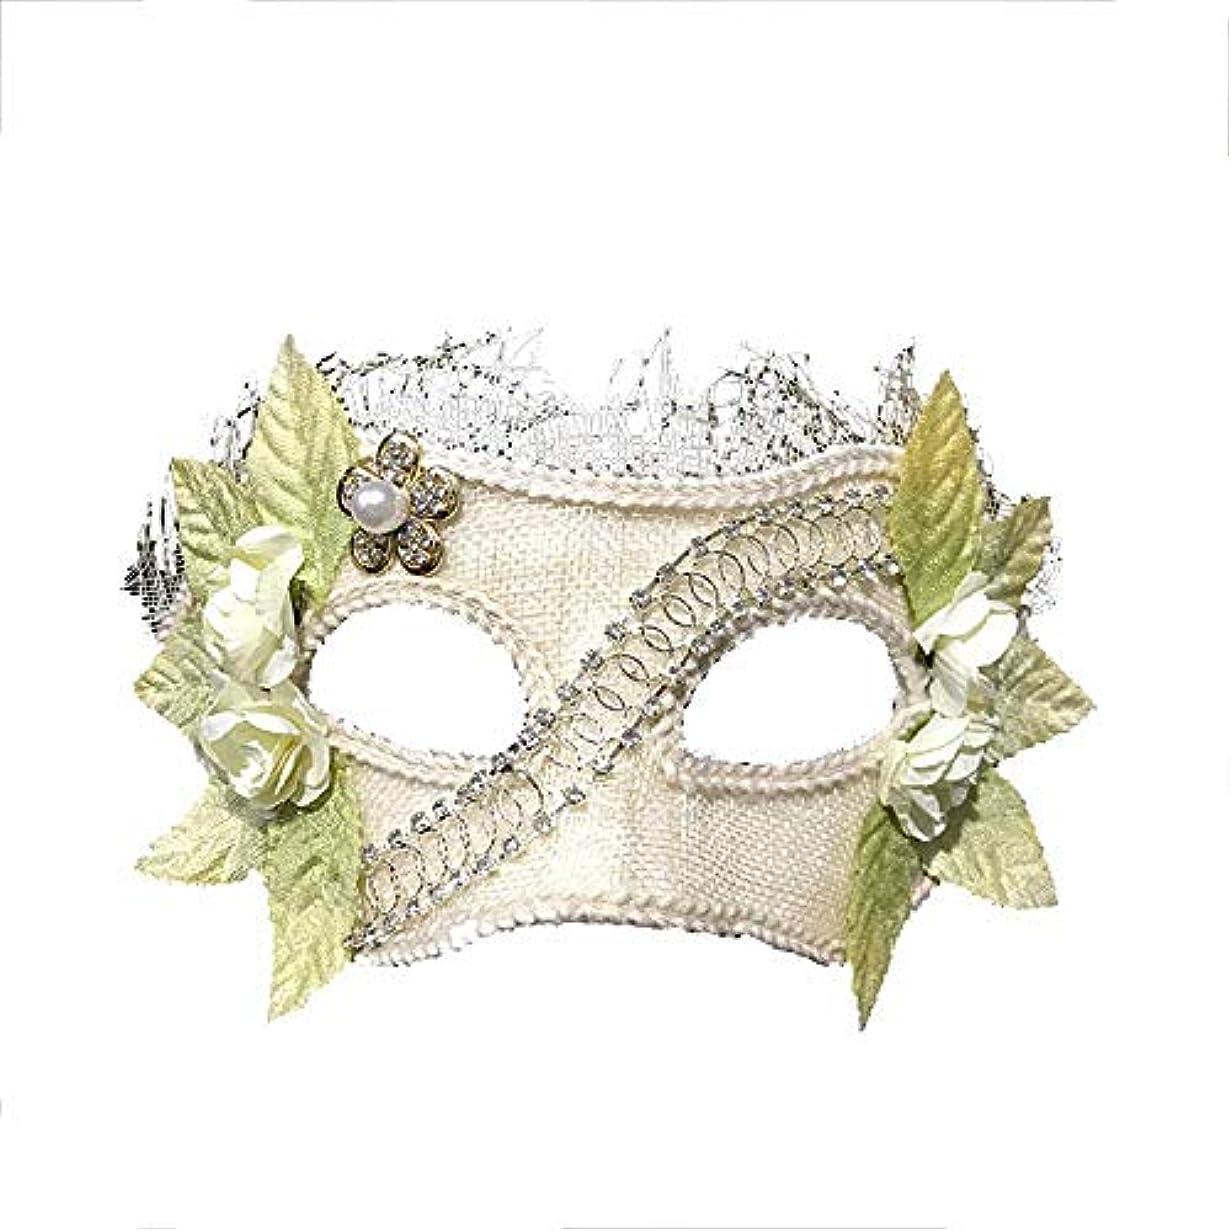 借りているぐるぐる有用Nanle ハロウィンクリスマスフラワーフェザービーズマスク仮装マスクレディミスプリンセス美容祭パーティーデコレーションマスク (色 : Style A)